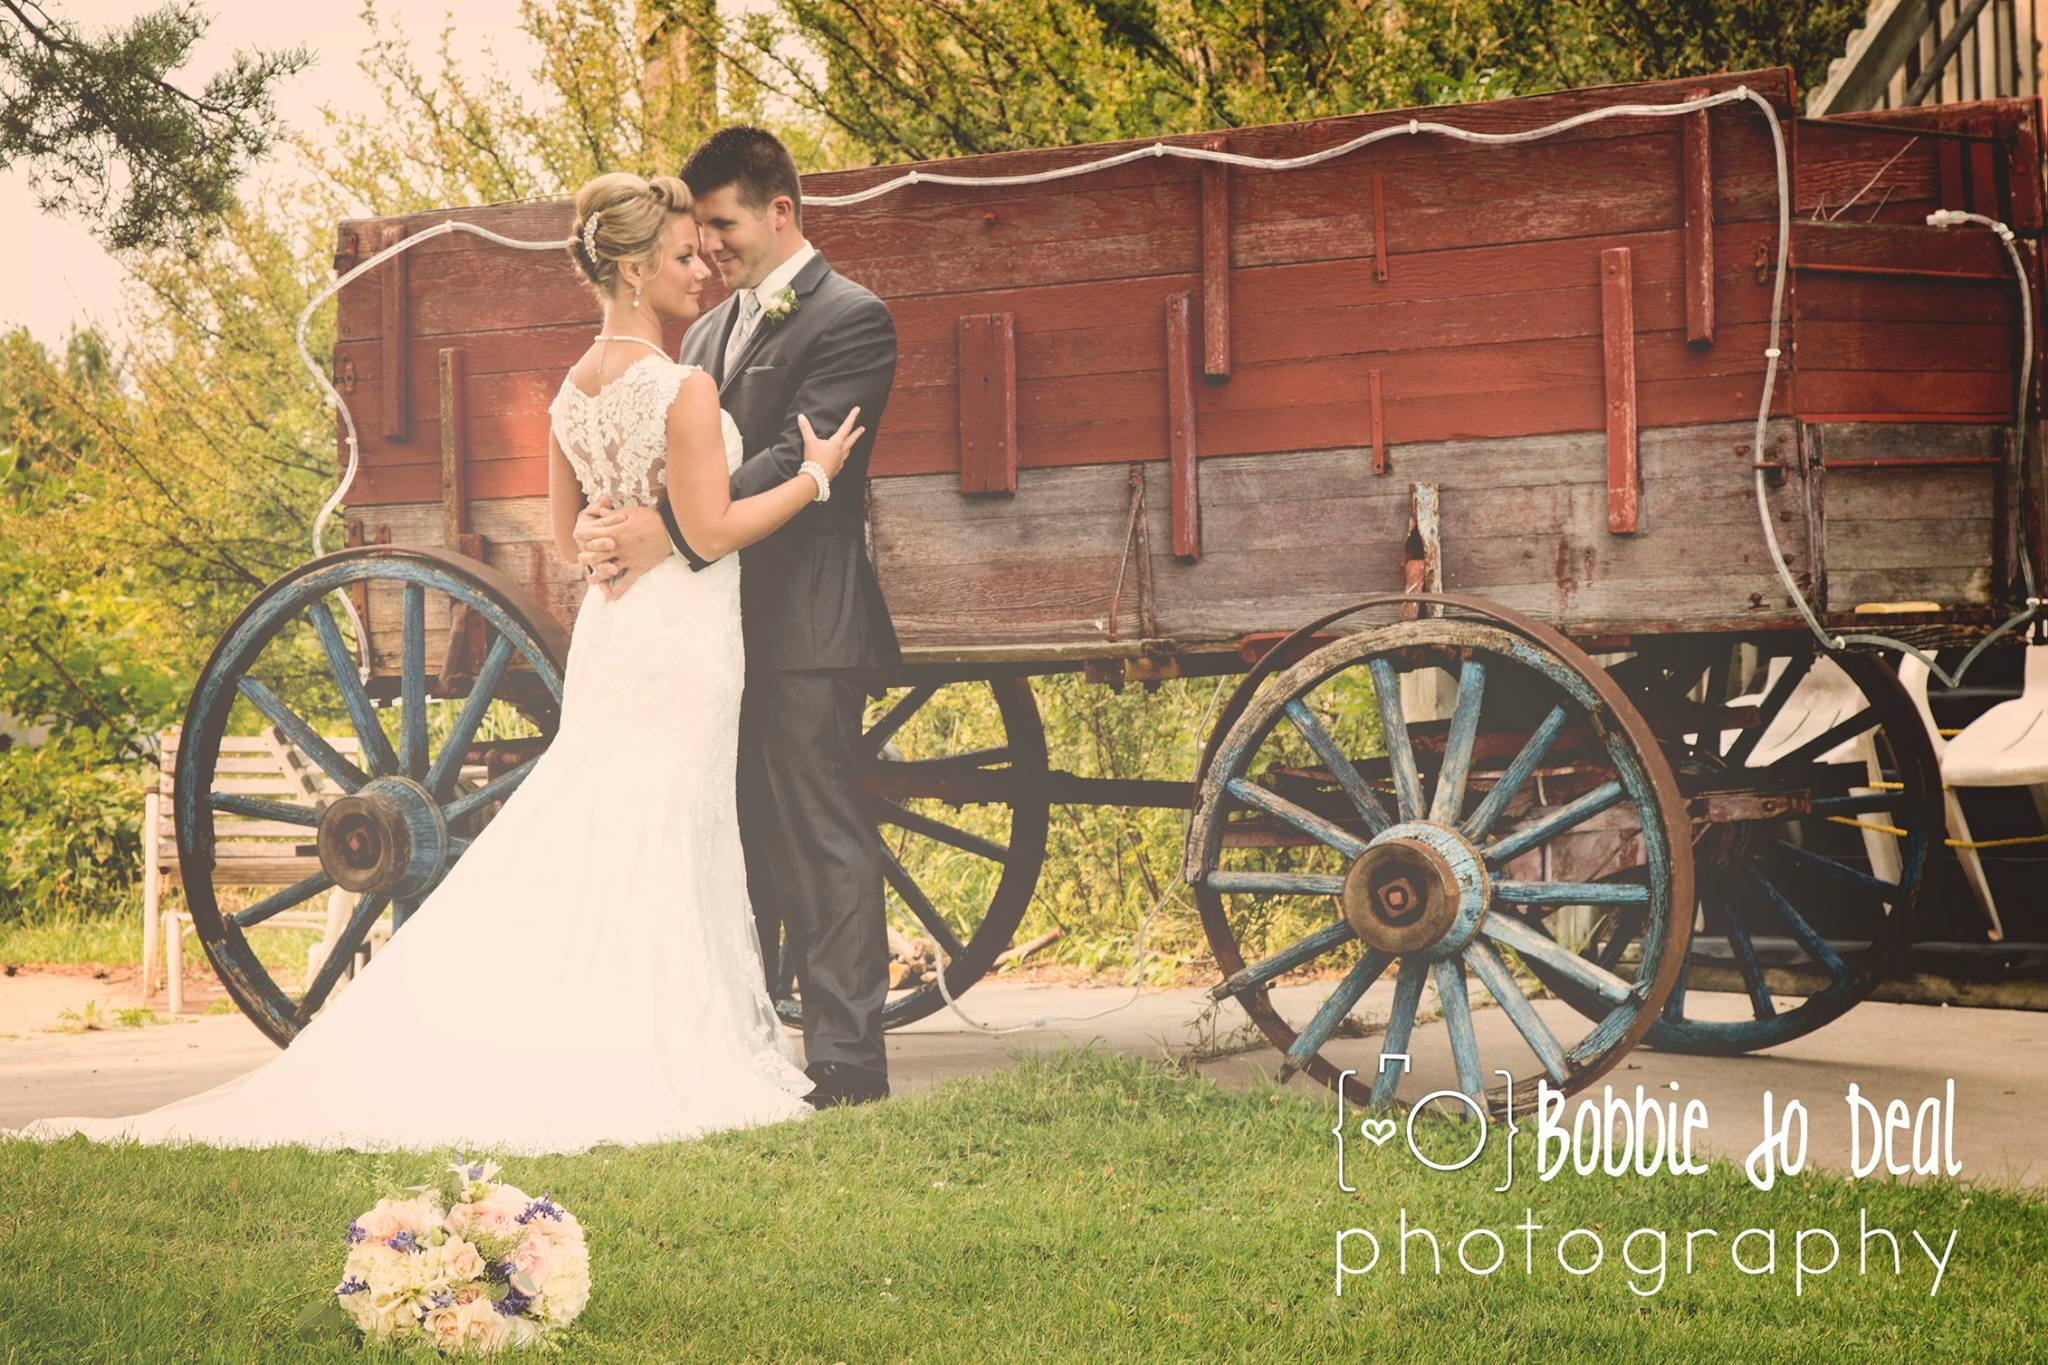 Country Weddings at Eko Backen - Rustic Wedding Venues in Minnesota ...